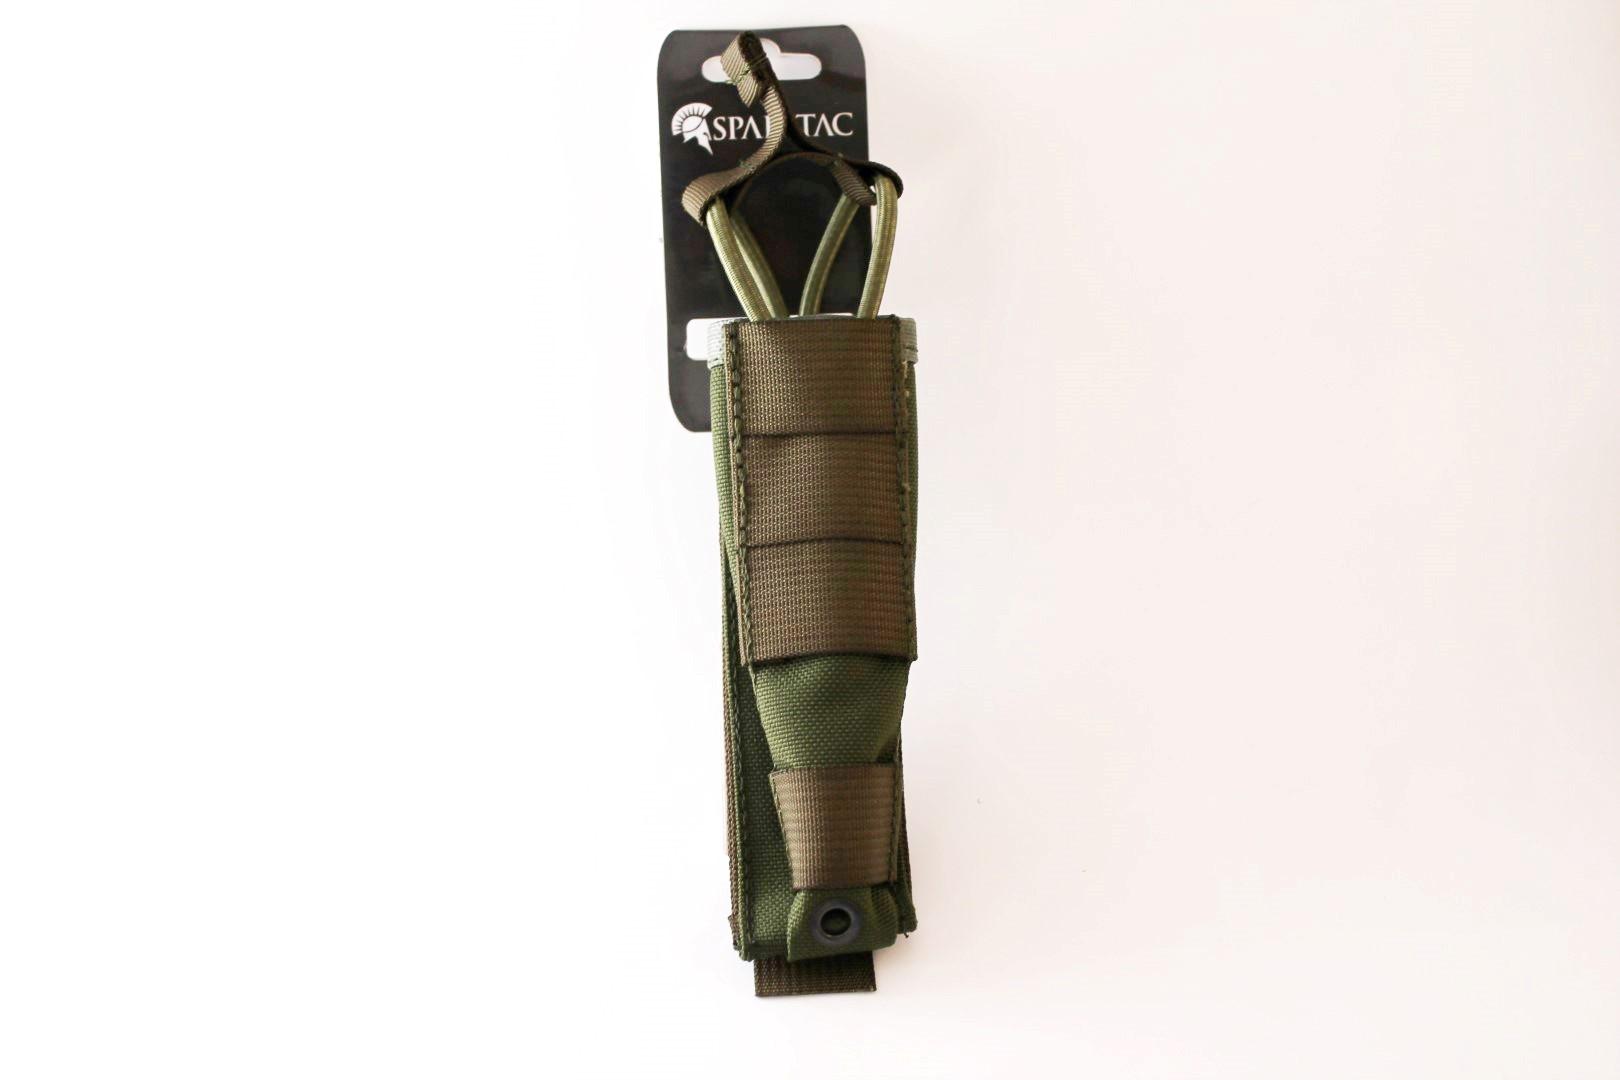 Džep za MP5 spremnik